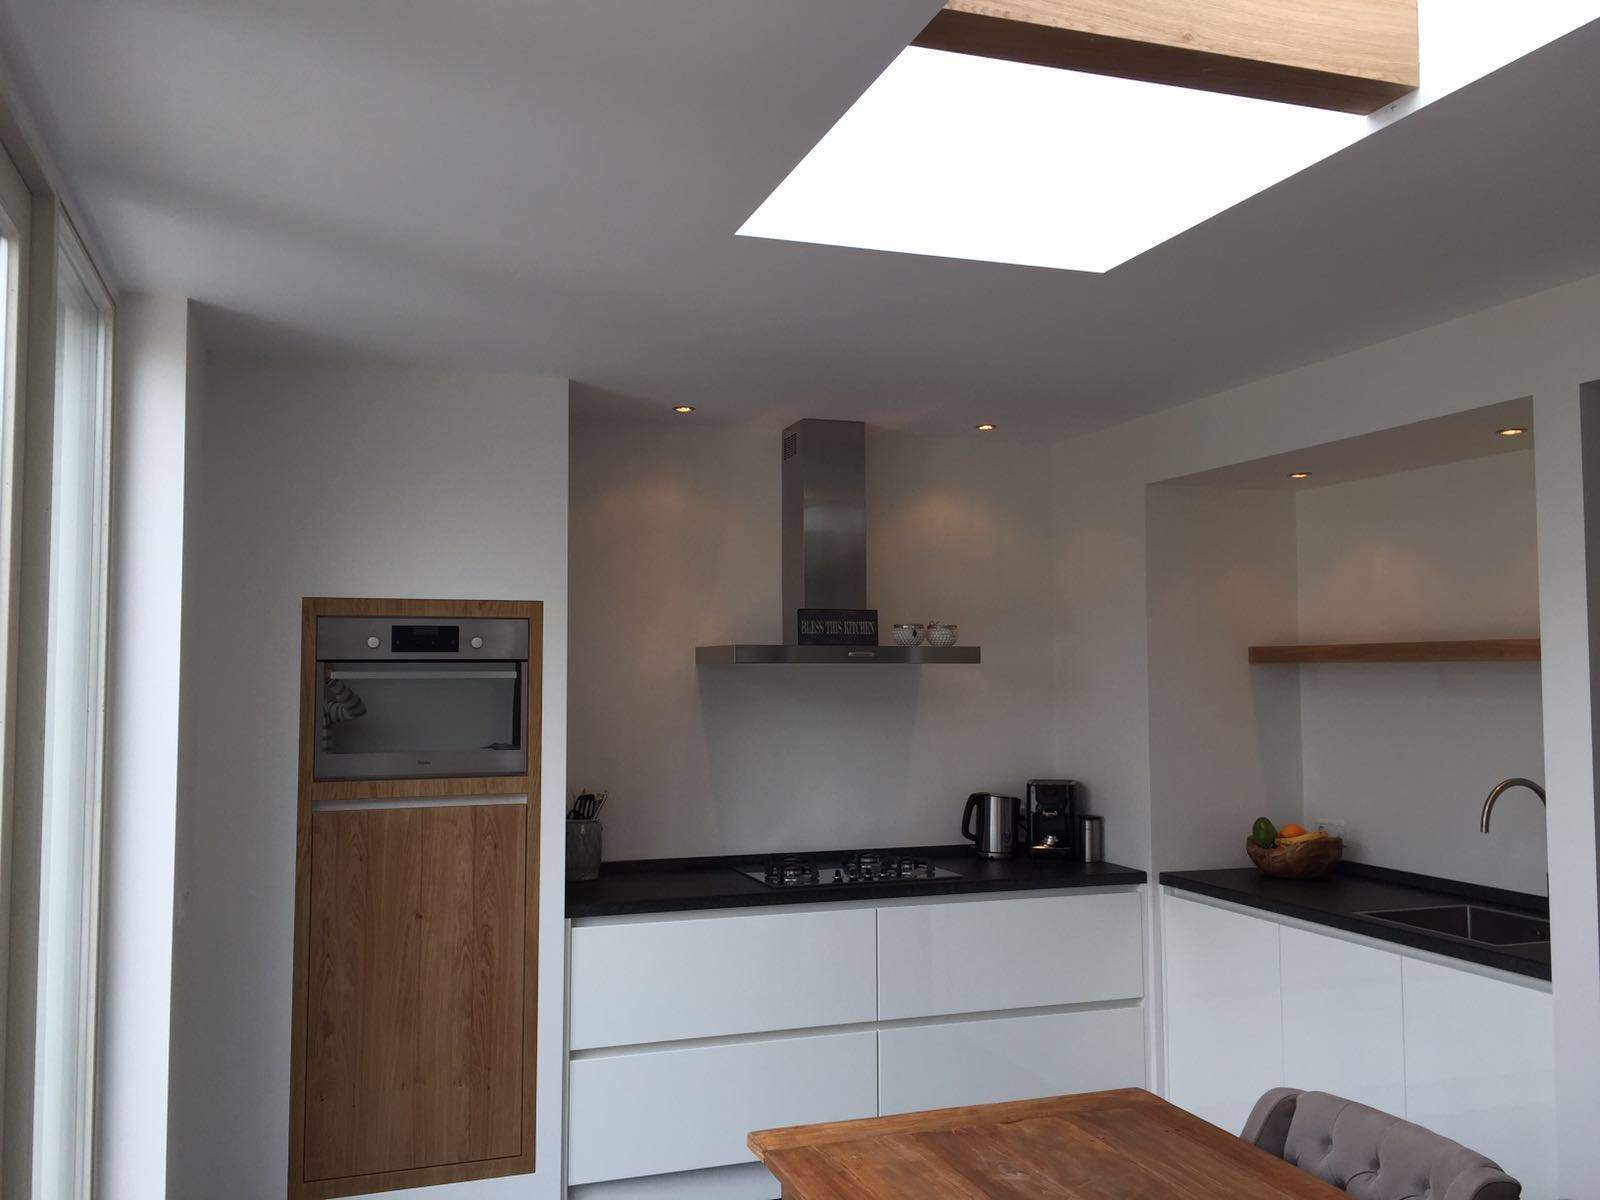 Eettafel kroonluchters ontwerp - Witte keukens houten ...